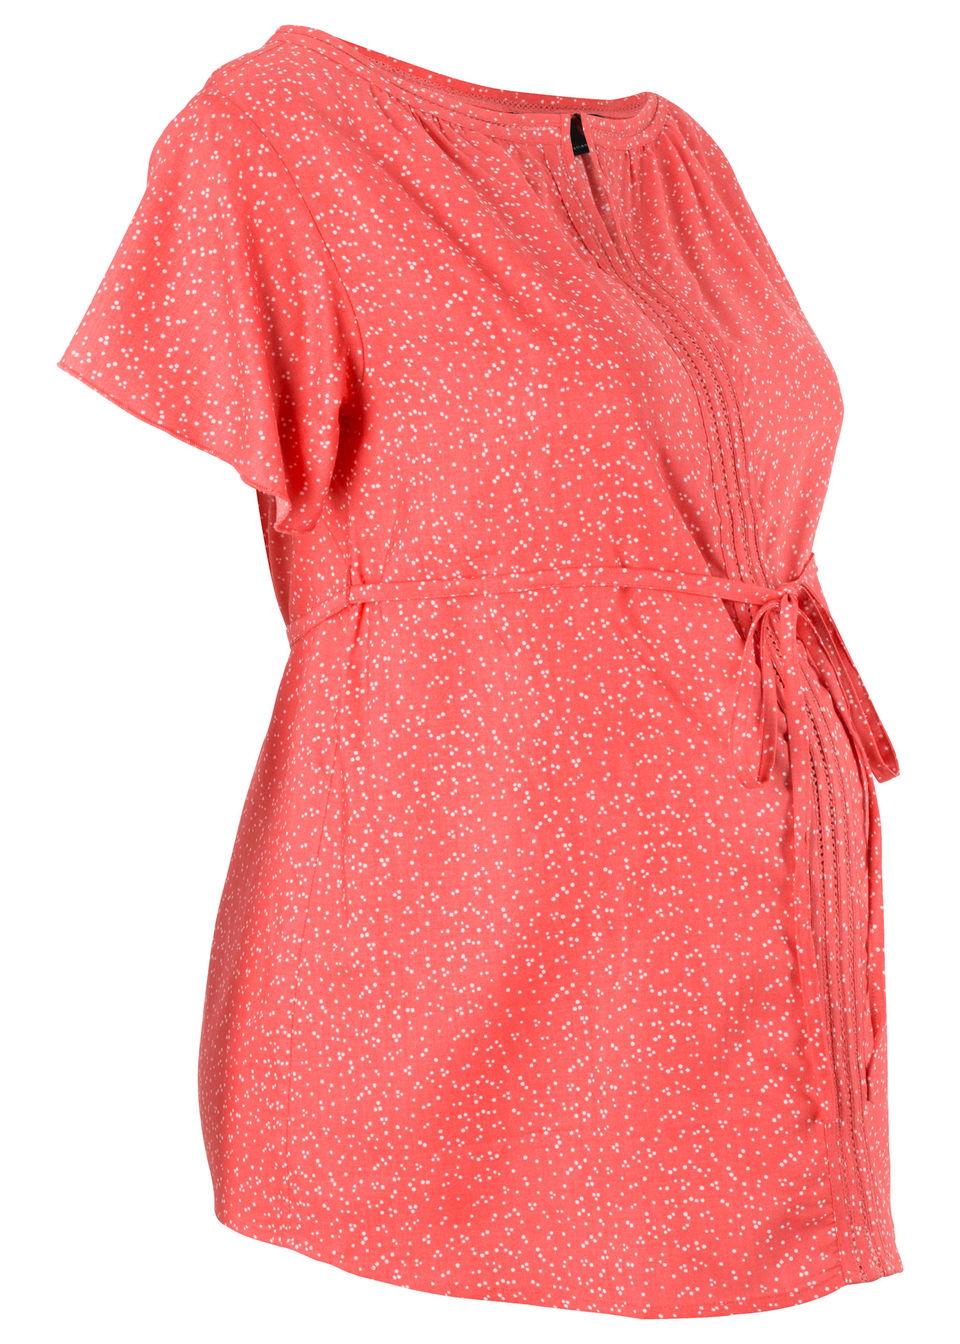 Купить Блузка, bonprix, коралловый/цвет белой шерсти в горошек